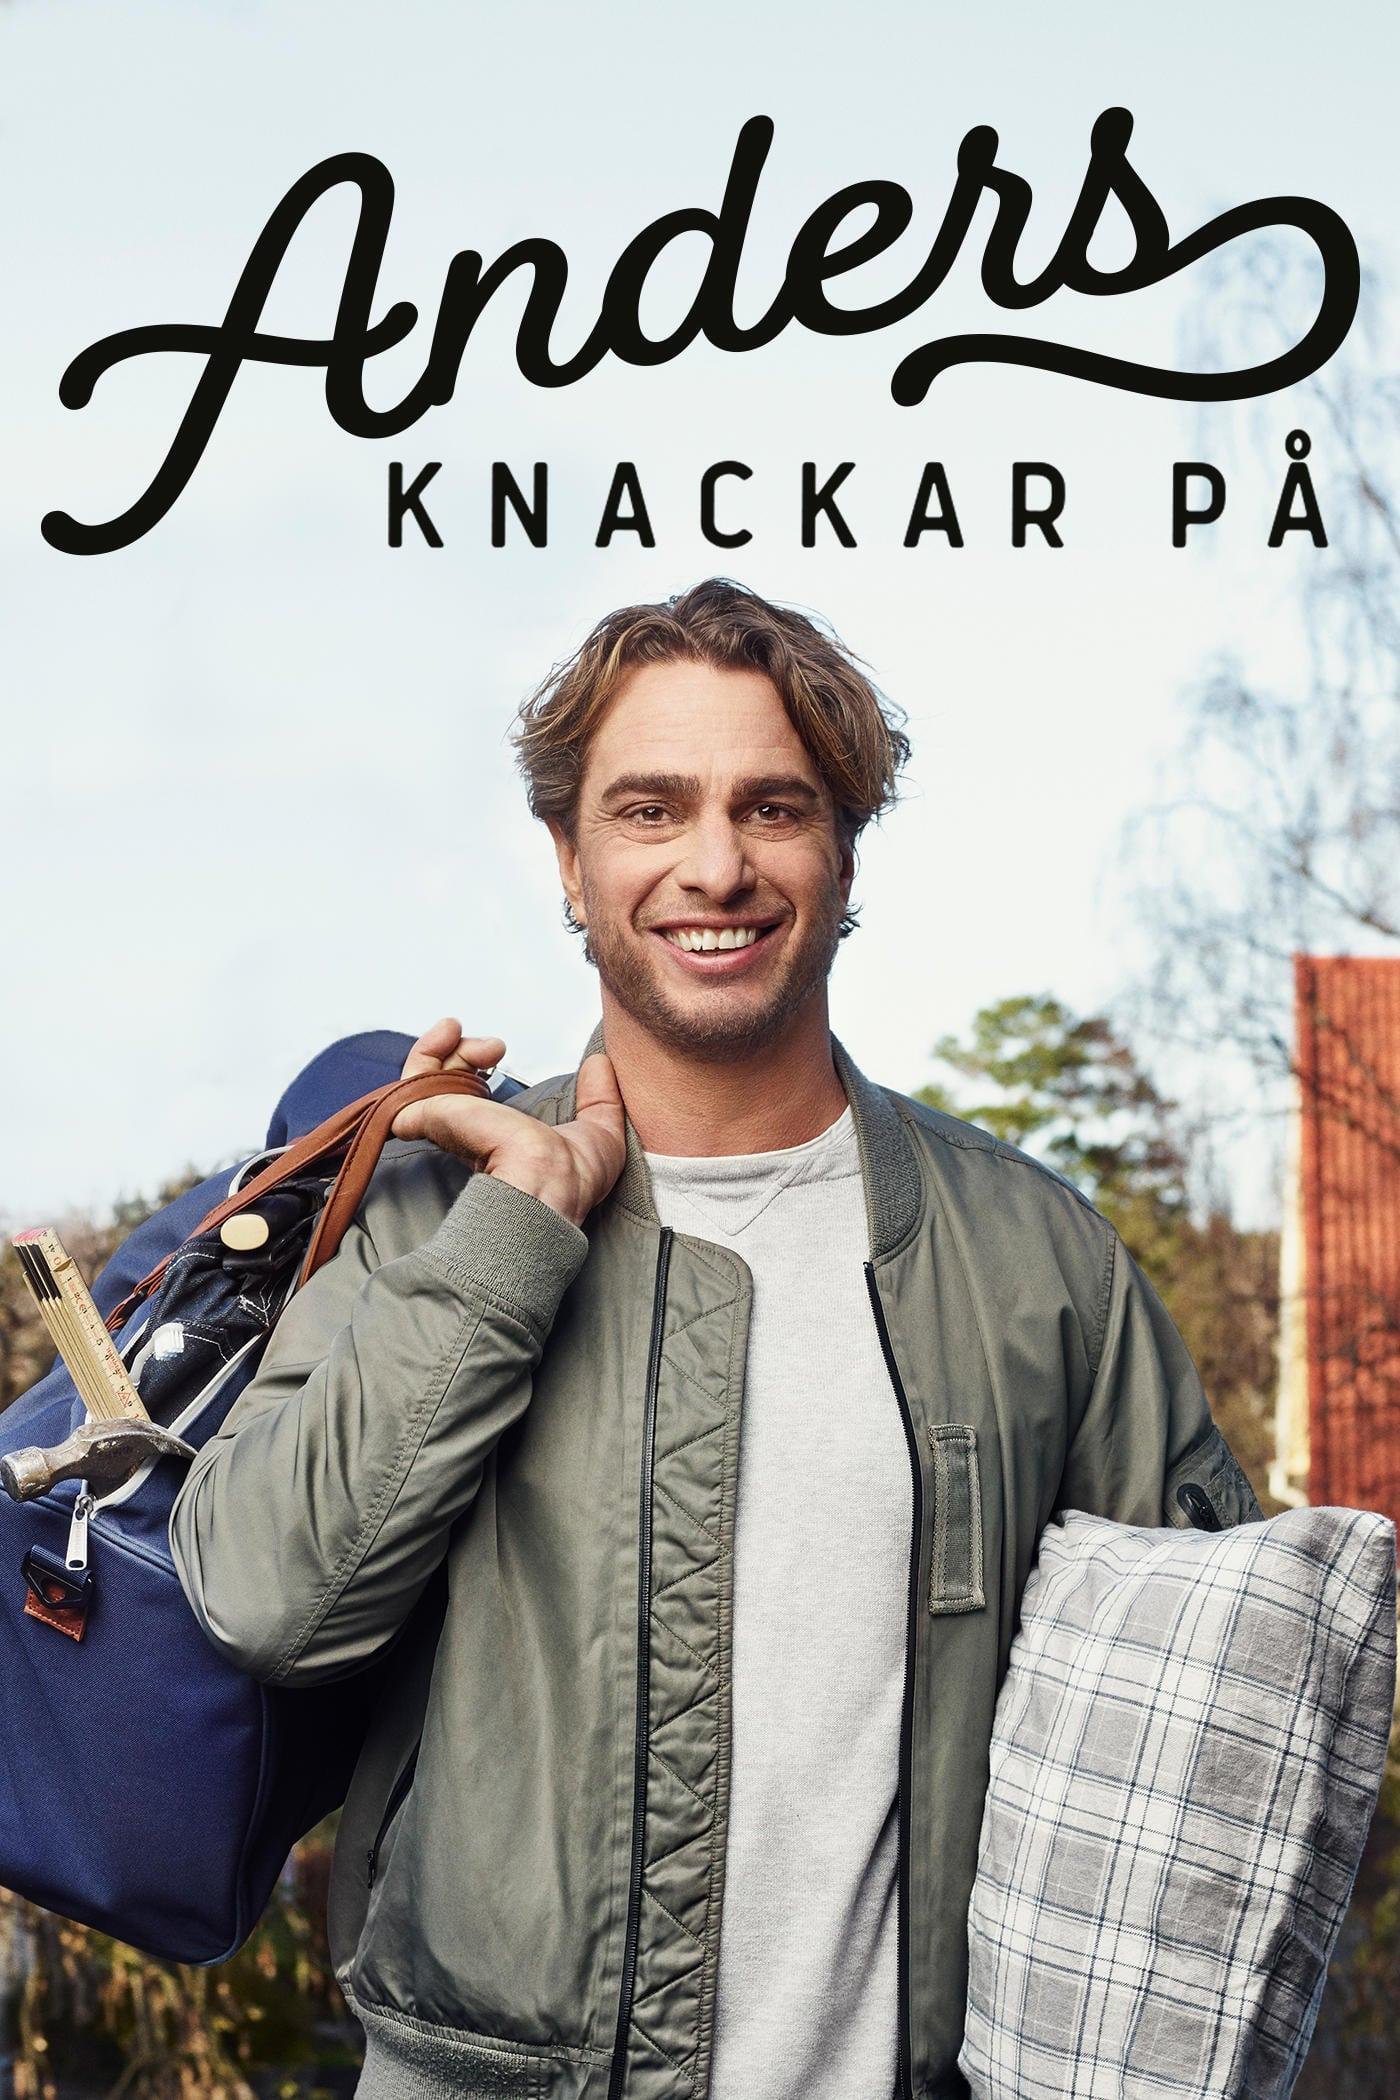 Anders Knackar På